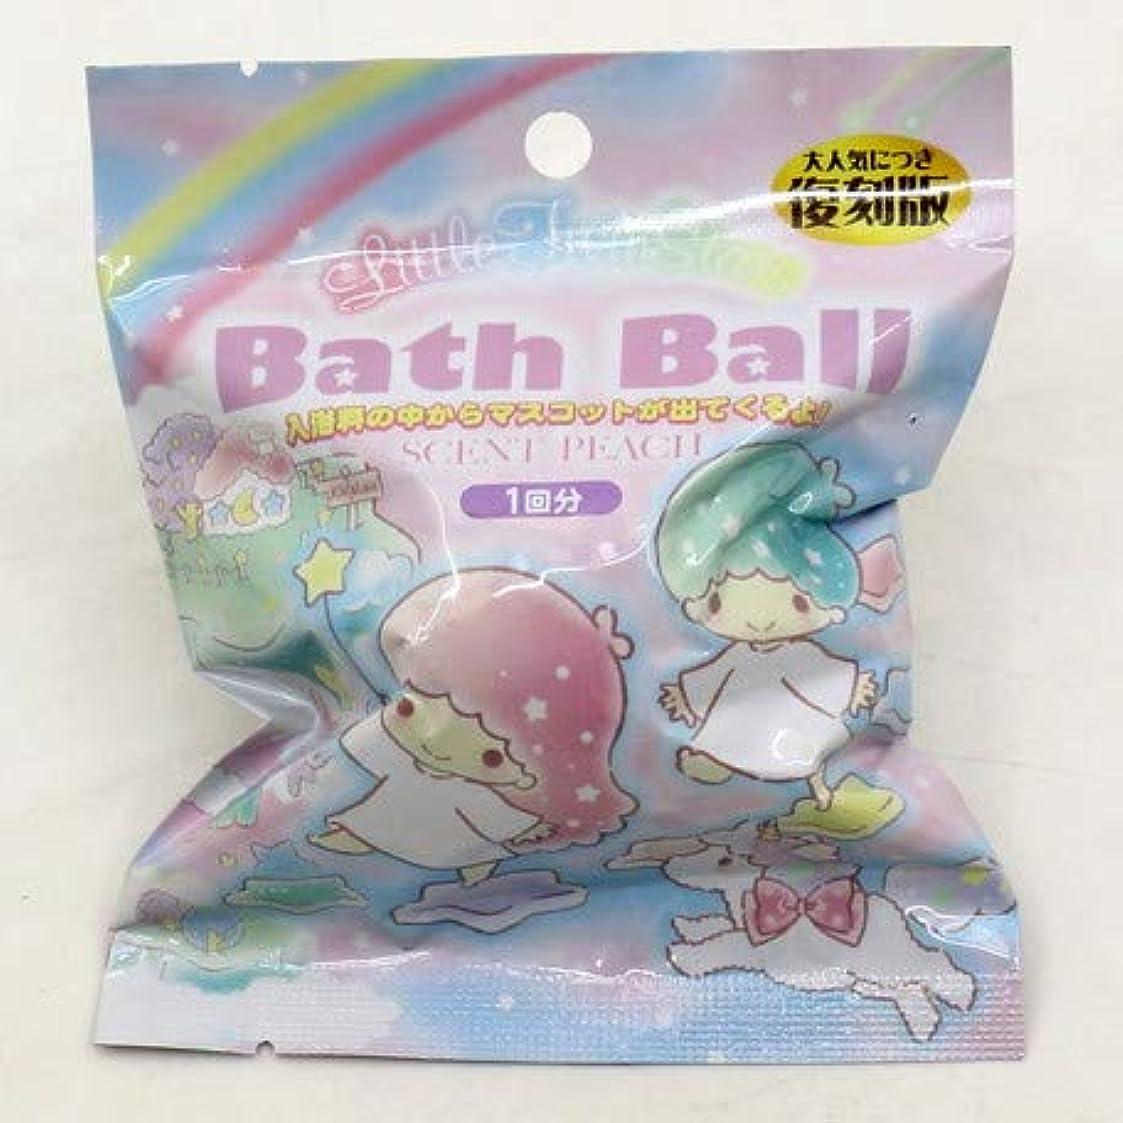 パイベールマングルリトルツインスターズ バスボール 入浴剤 ピーチの香り 6個1セット サンリオ